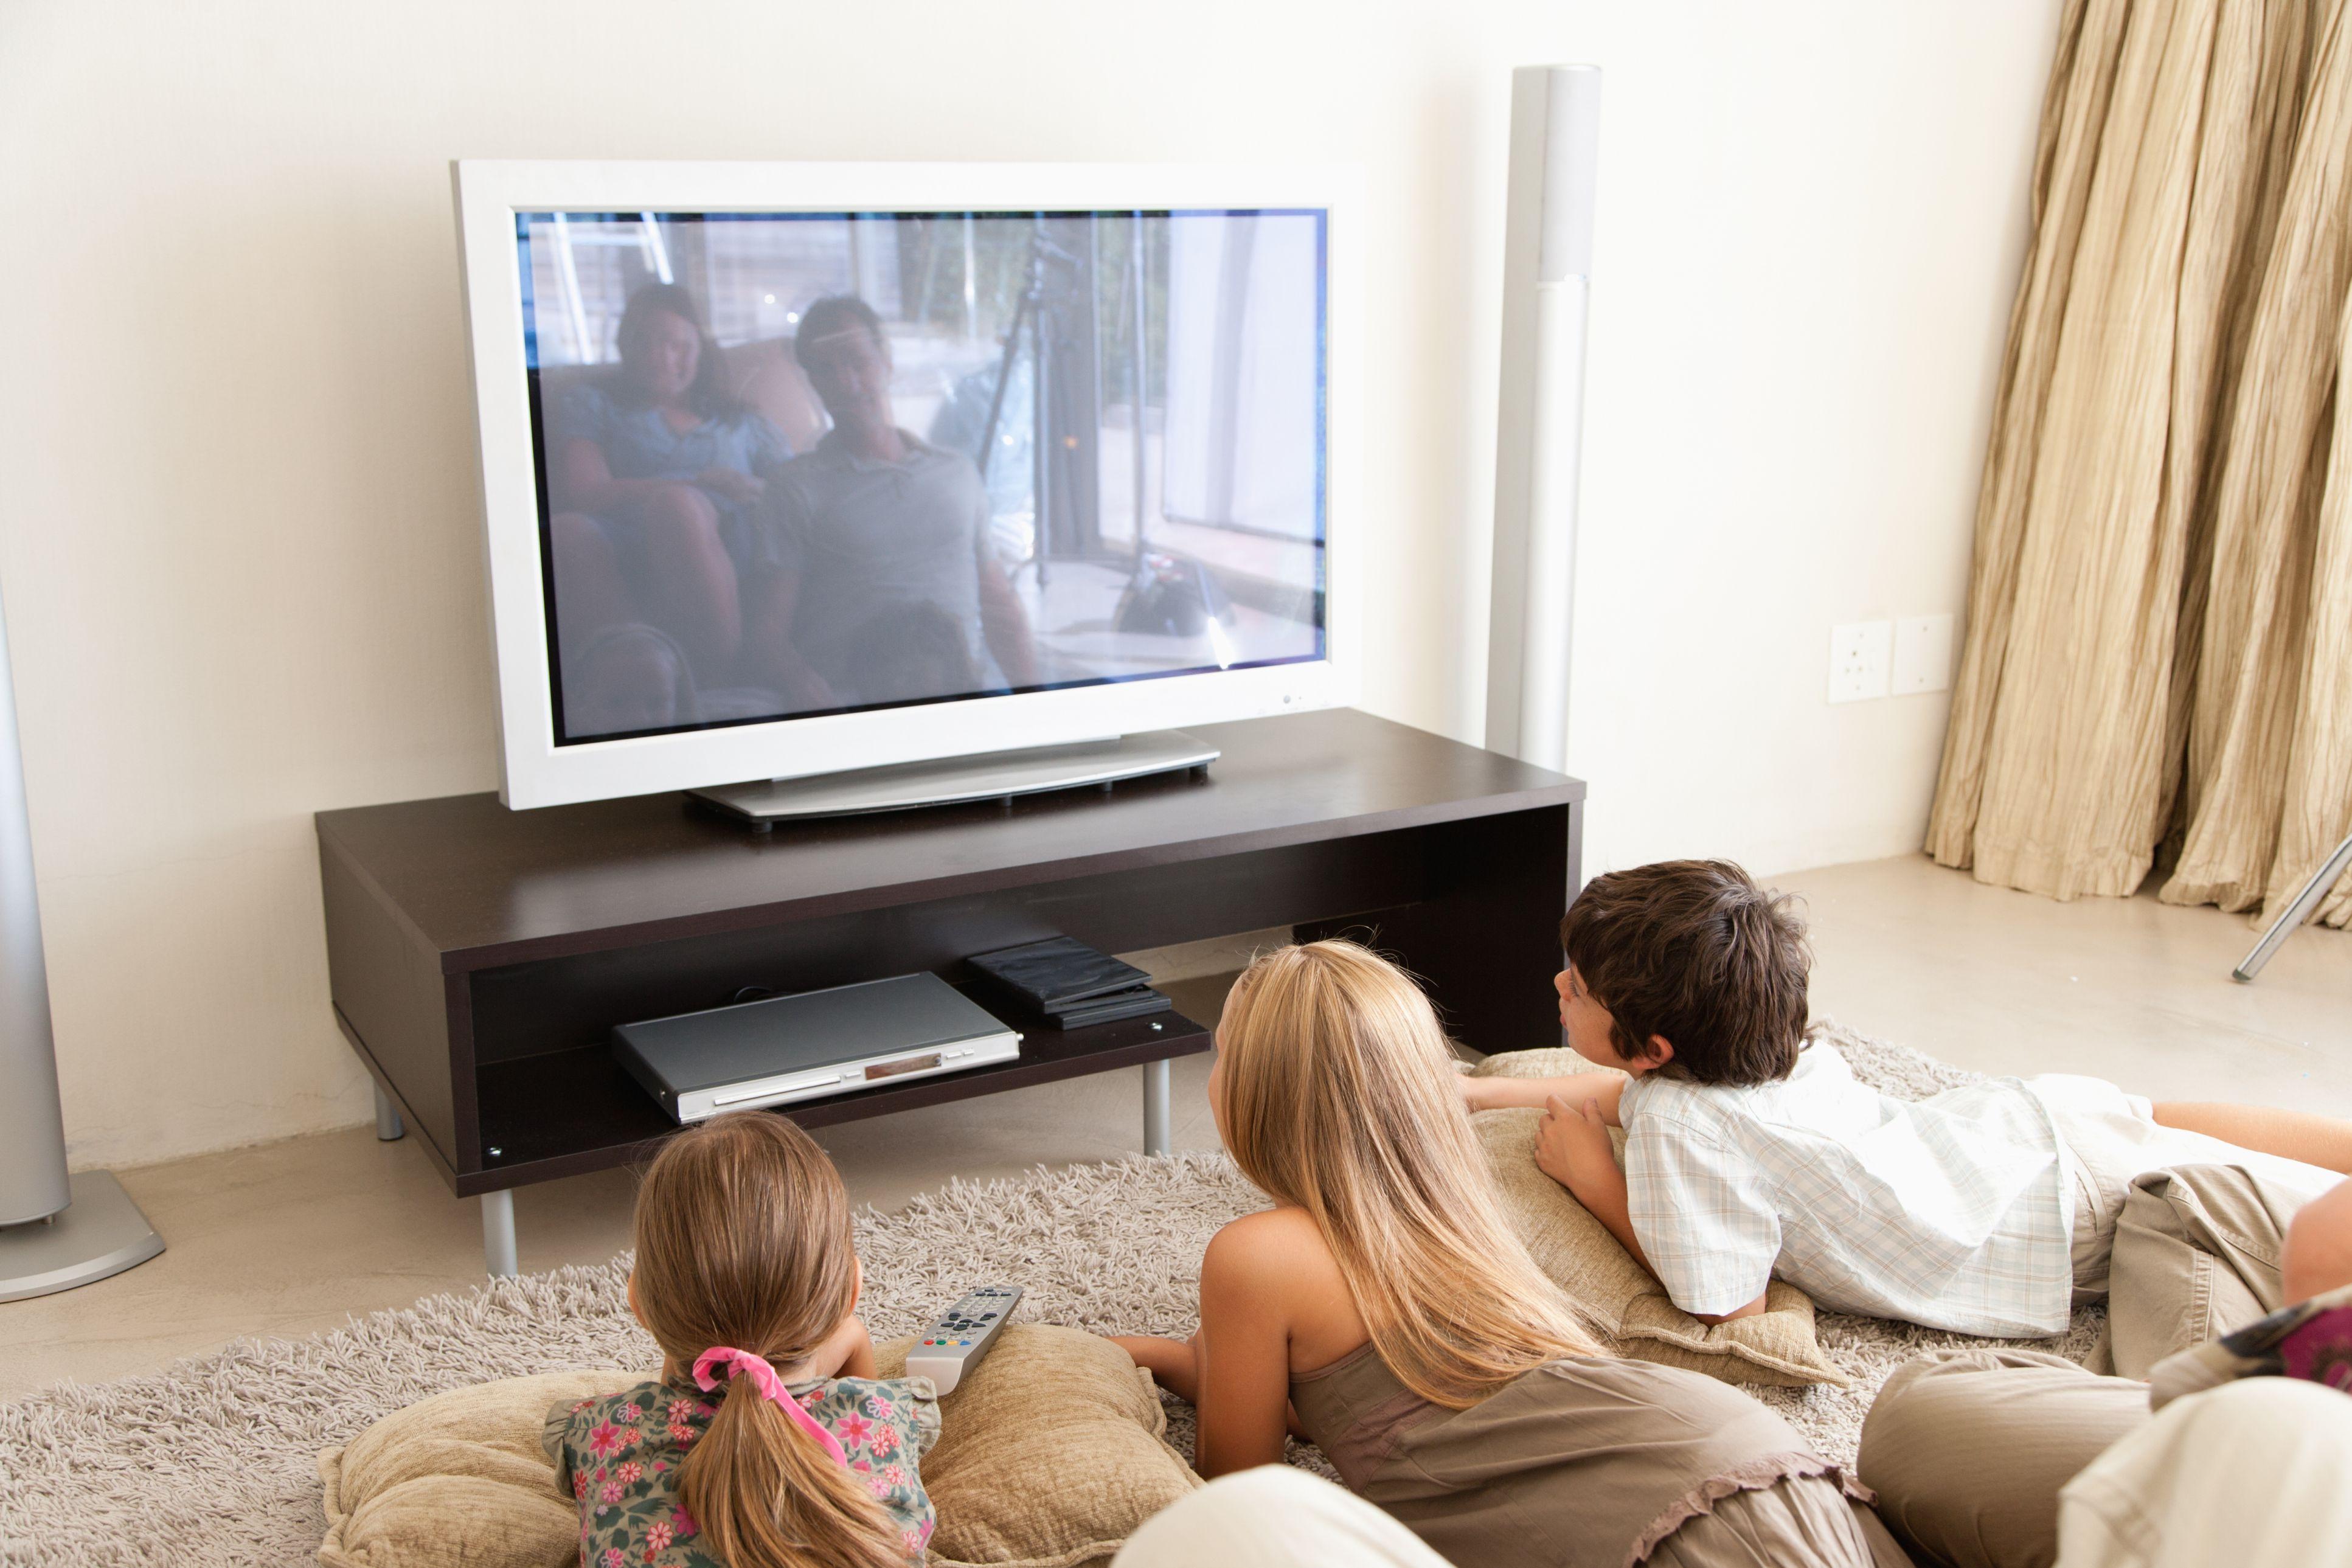 Choisir Sa Tv En Fonction De La Distance ▷ classement & guide d'achat : top téléviseurs led en avr. 2020